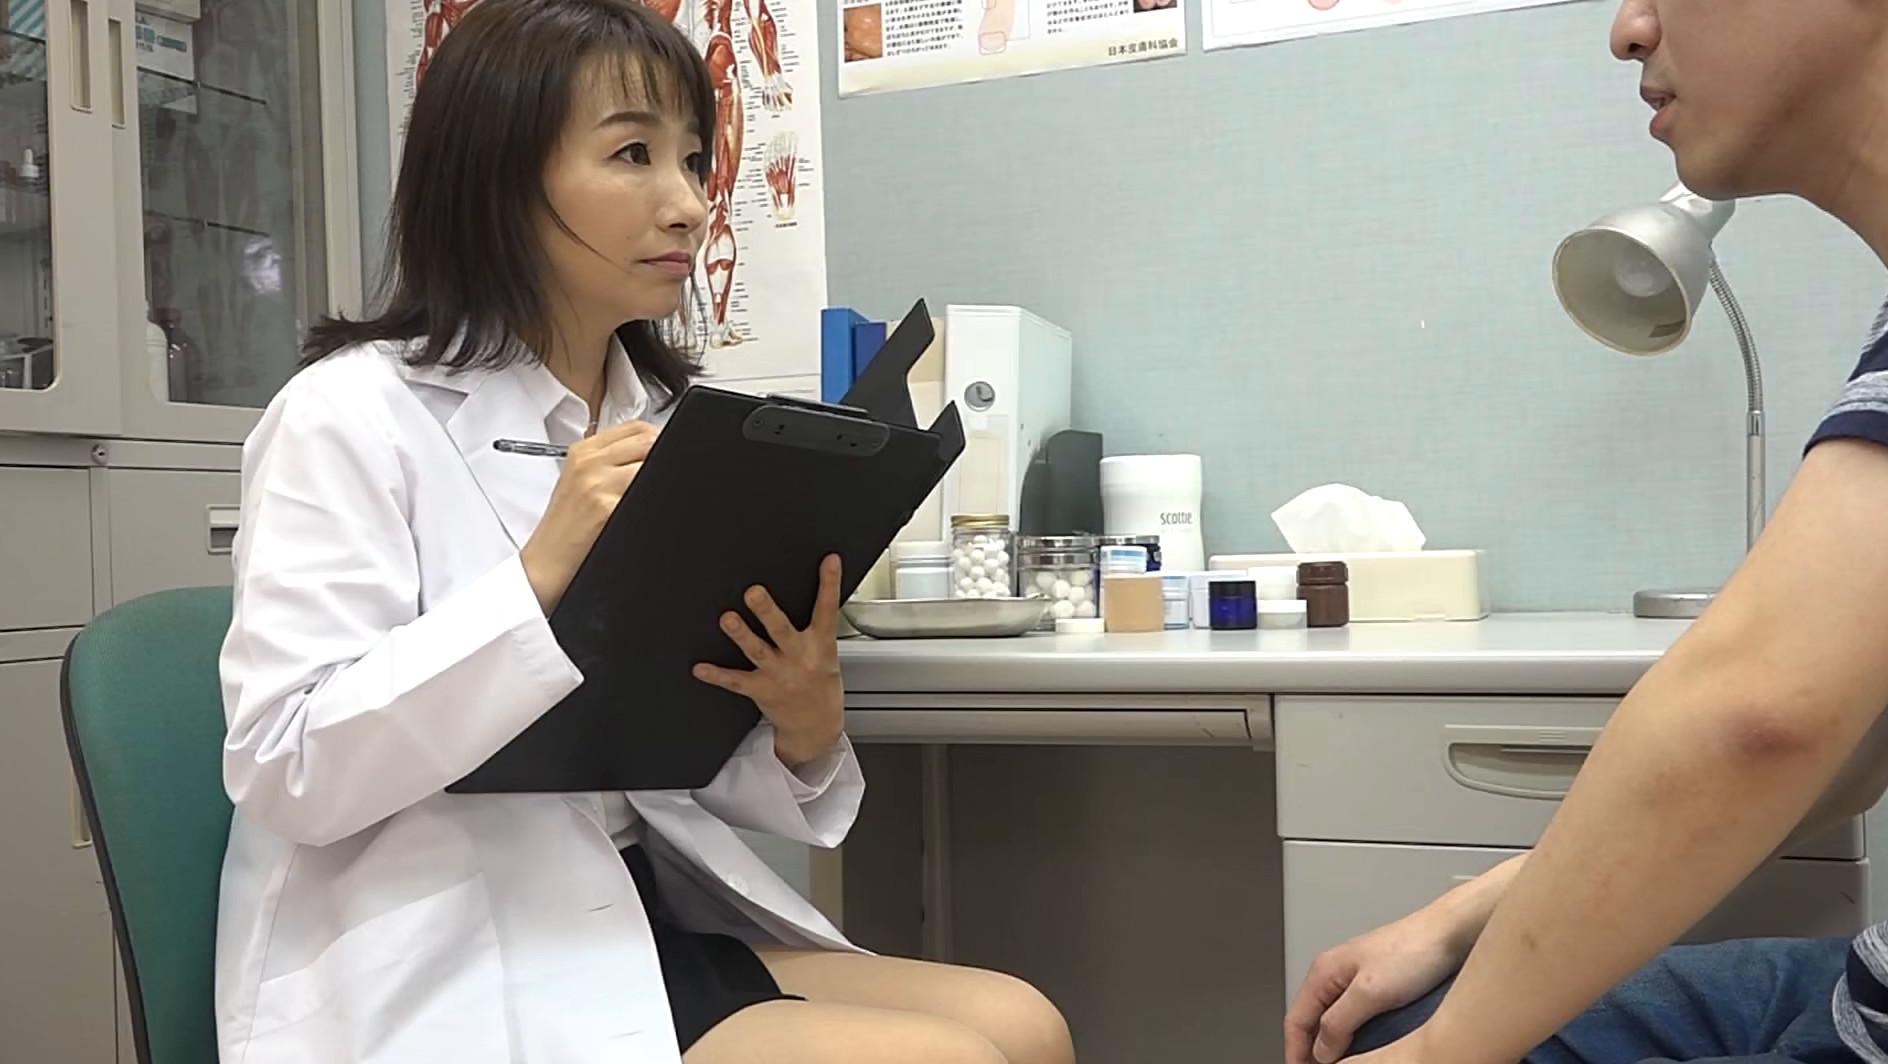 美人の先生がいる皮膚科に行って腫れたチンコを診てもらう流れでヌイてもらいたい総集編(3) 画像5